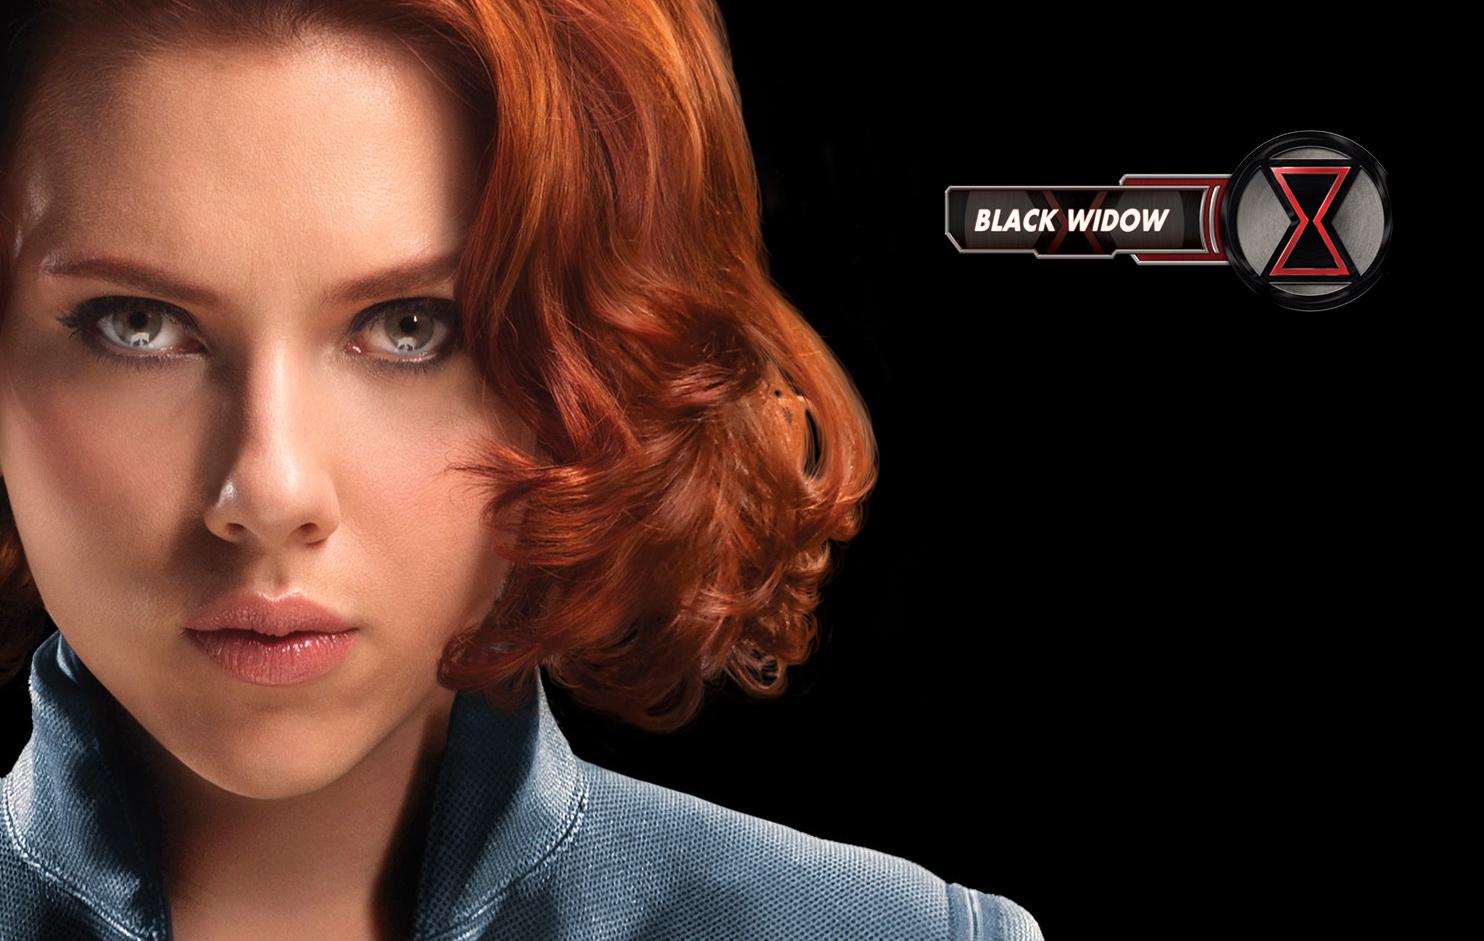 http://2.bp.blogspot.com/-wL3JAy-g5DI/T69LSvf7m4I/AAAAAAAAGZ0/bNyZakWaZlg/s1600/The_Avengers_Scarlett_Johansson_wallpaper.jpg